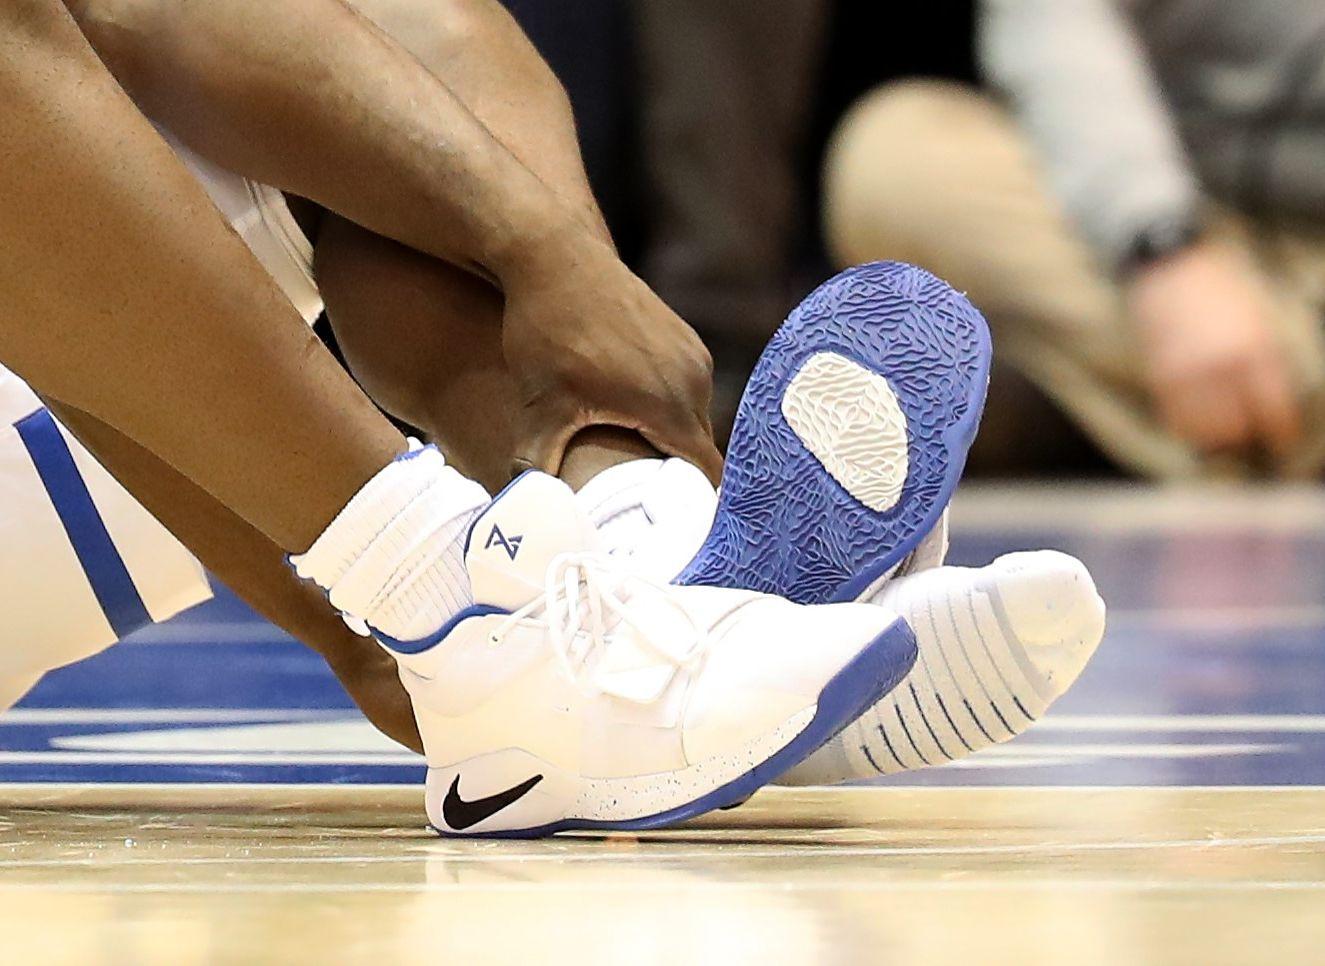 L'image de Nike écornée après la blessure d'une future star NBA à cause de ses baskets